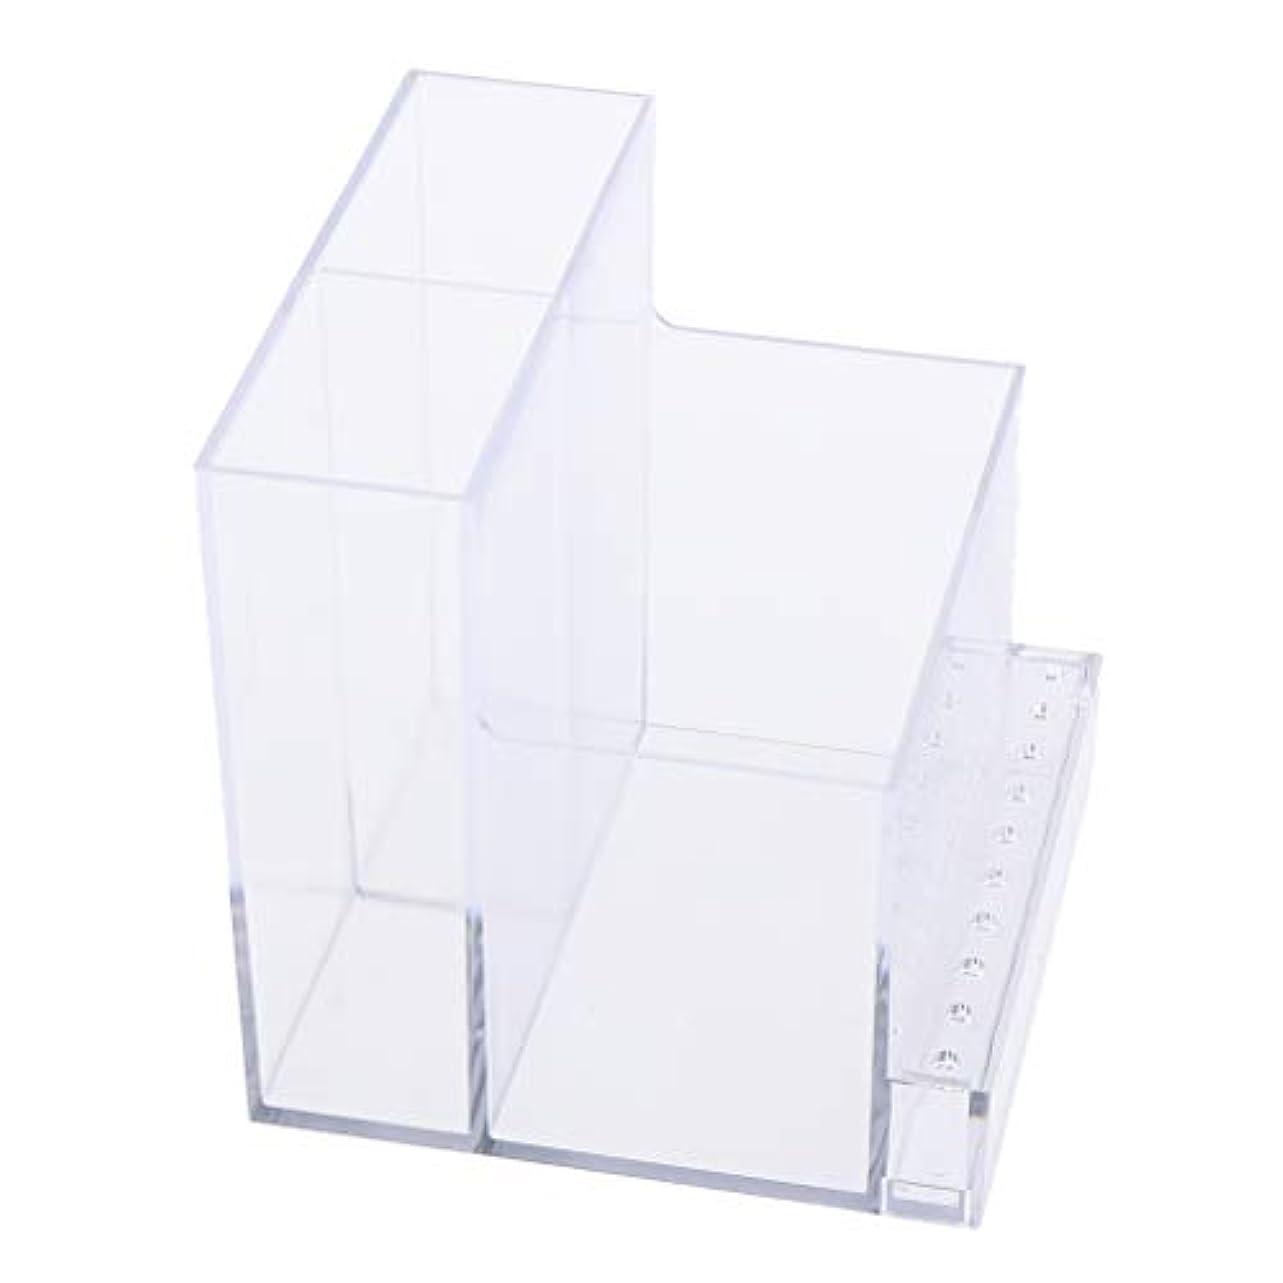 溶かす故意のほめるネイルドリルマシンホルダー アクリル製 収納ホルダー ボックス プロ ネイルサロン 2色選べ - クリア